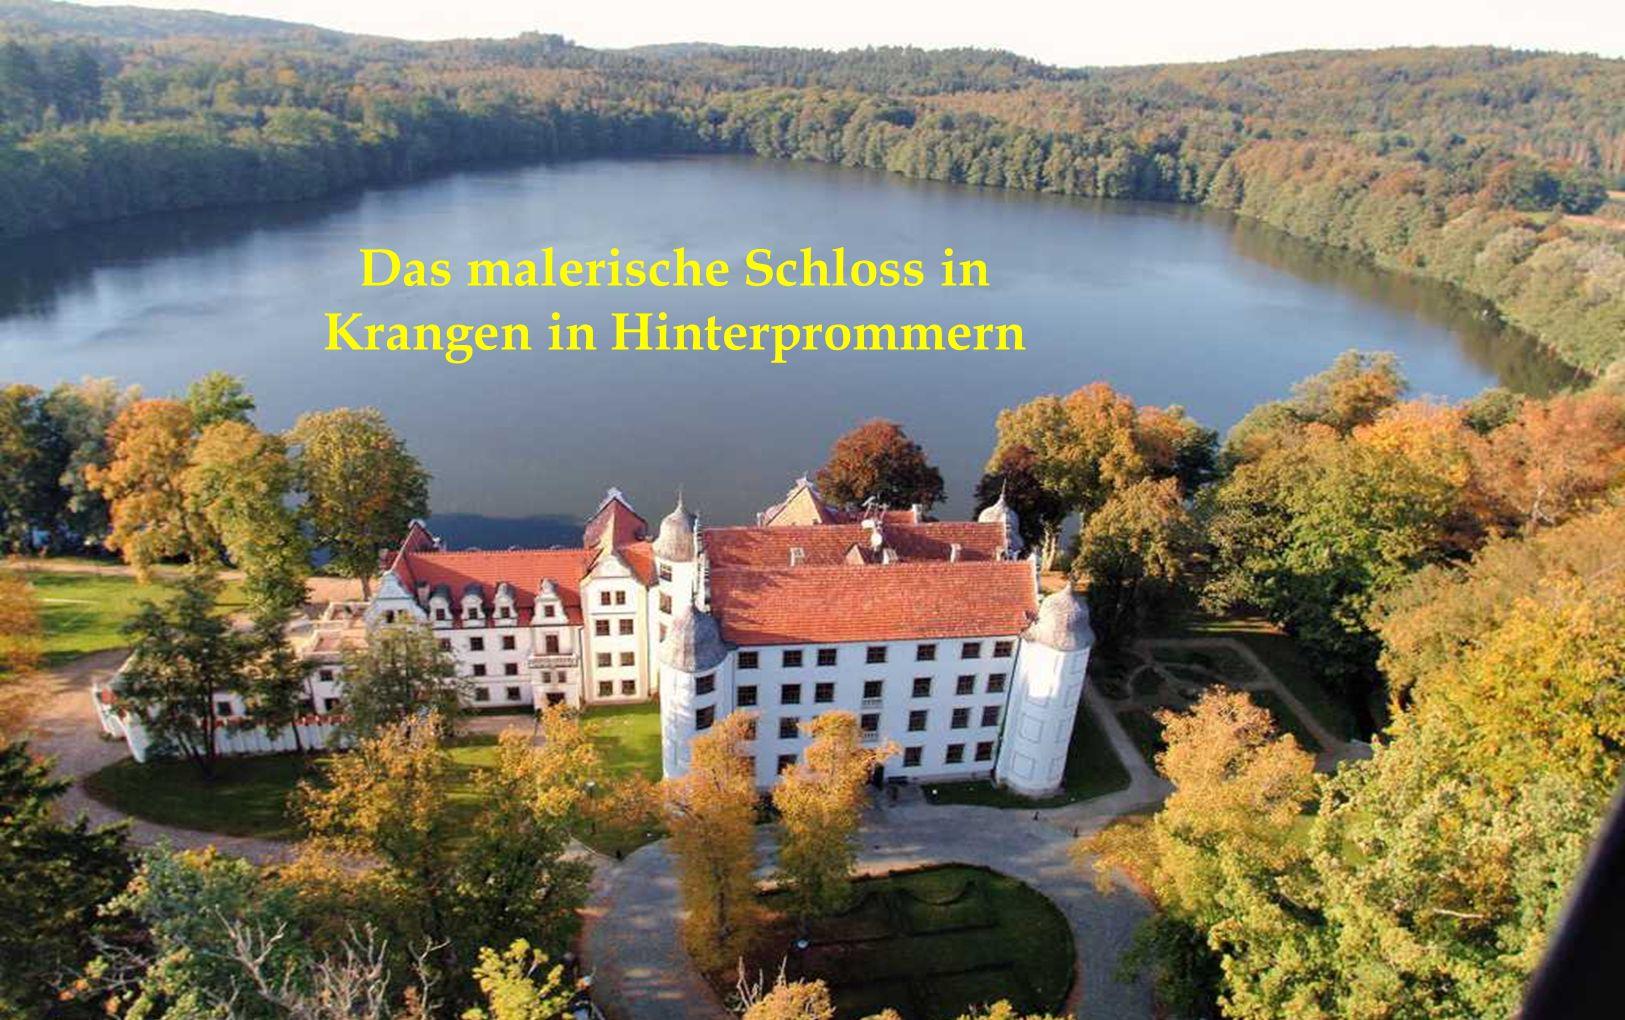 Das malerische Schloss in Krangen in Hinterprommern